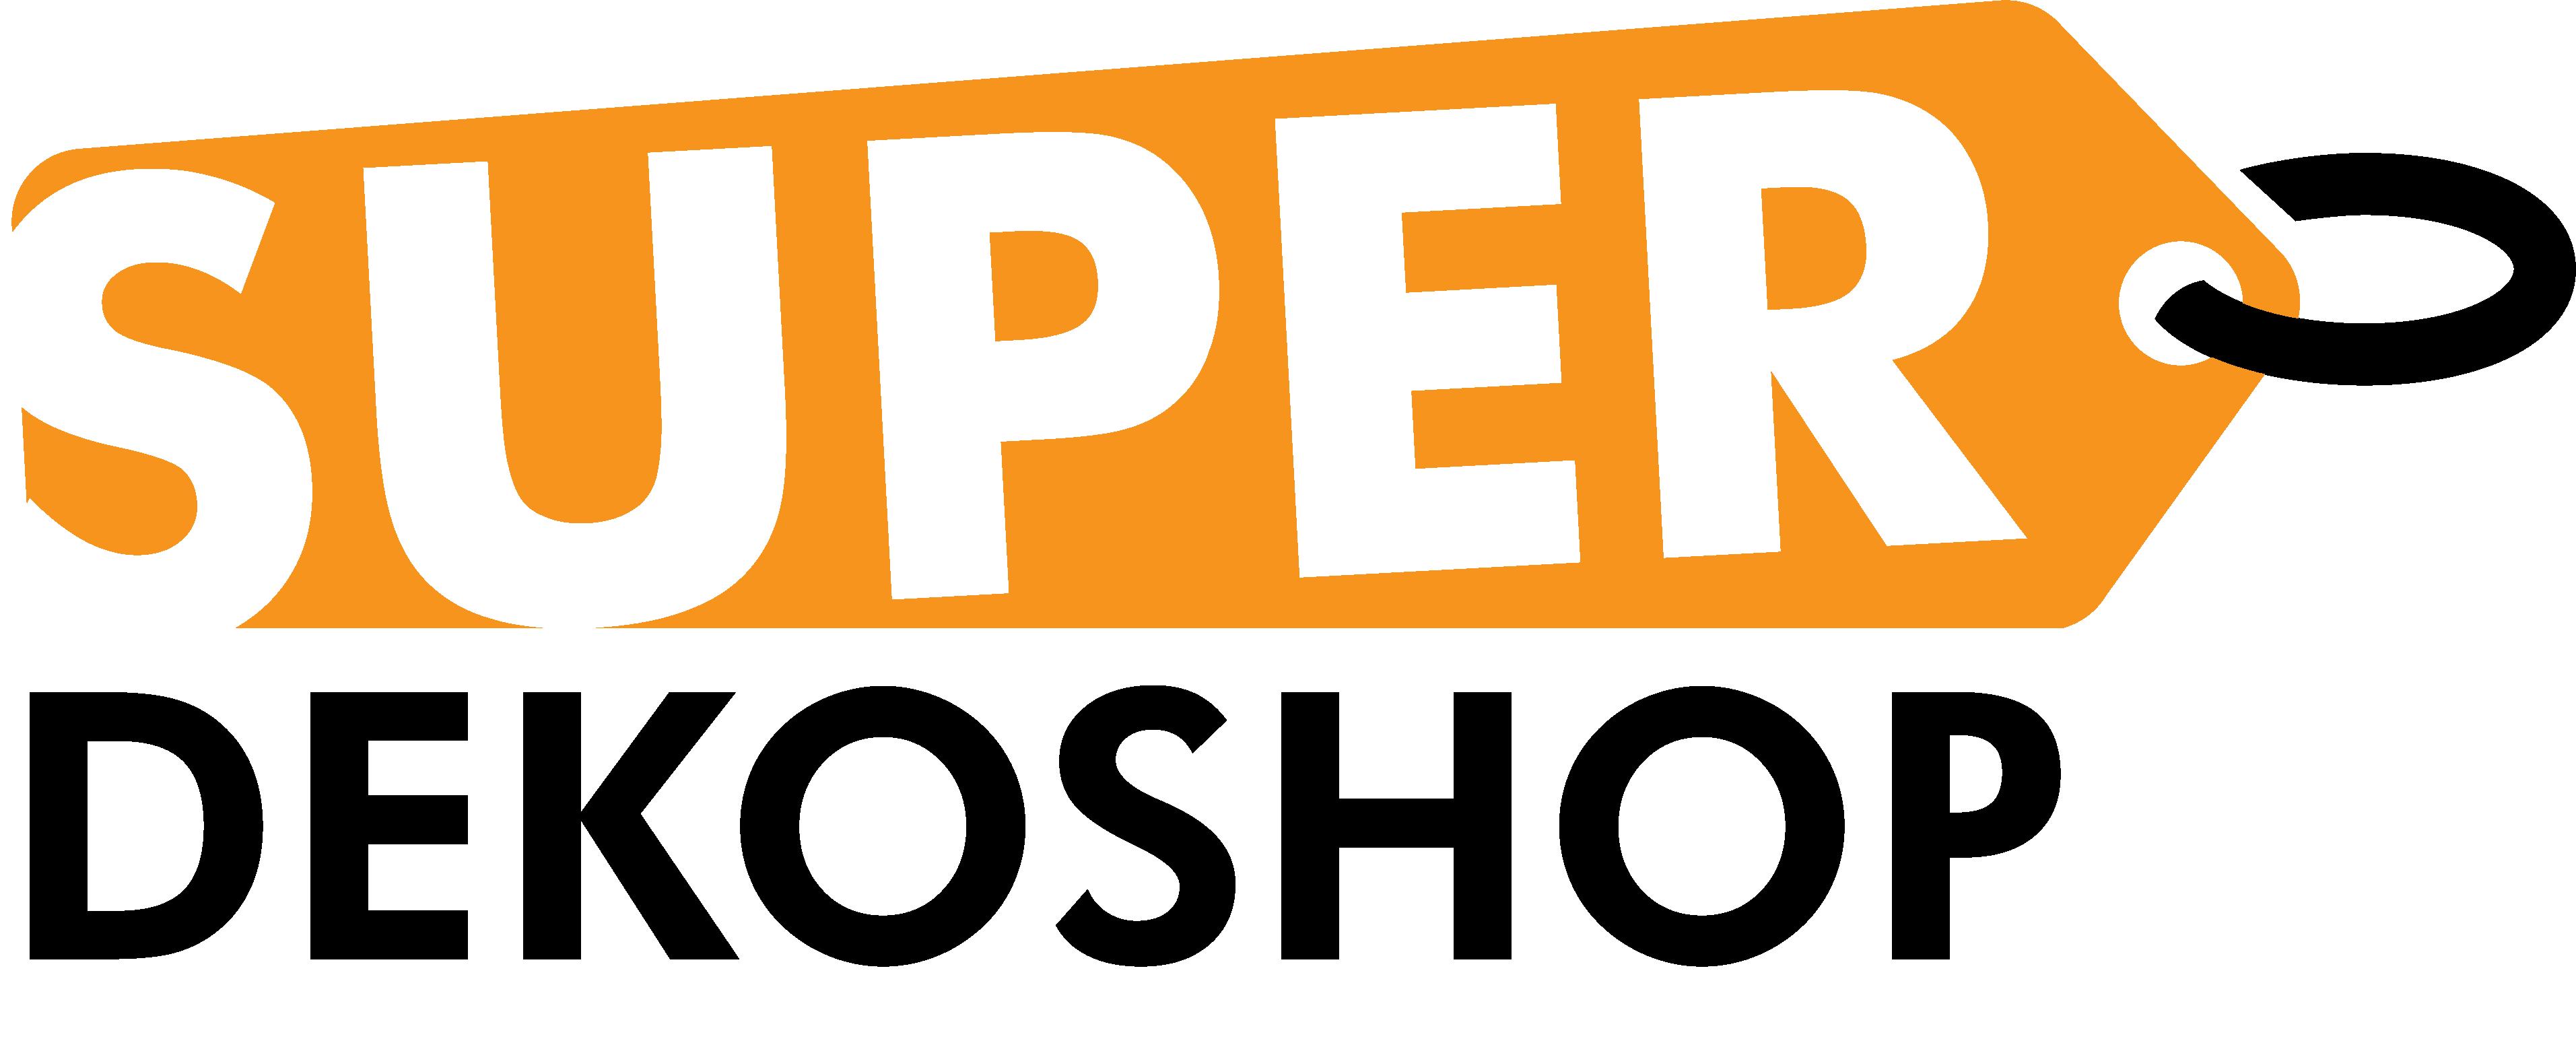 Insektenschutzdirekt.de logo